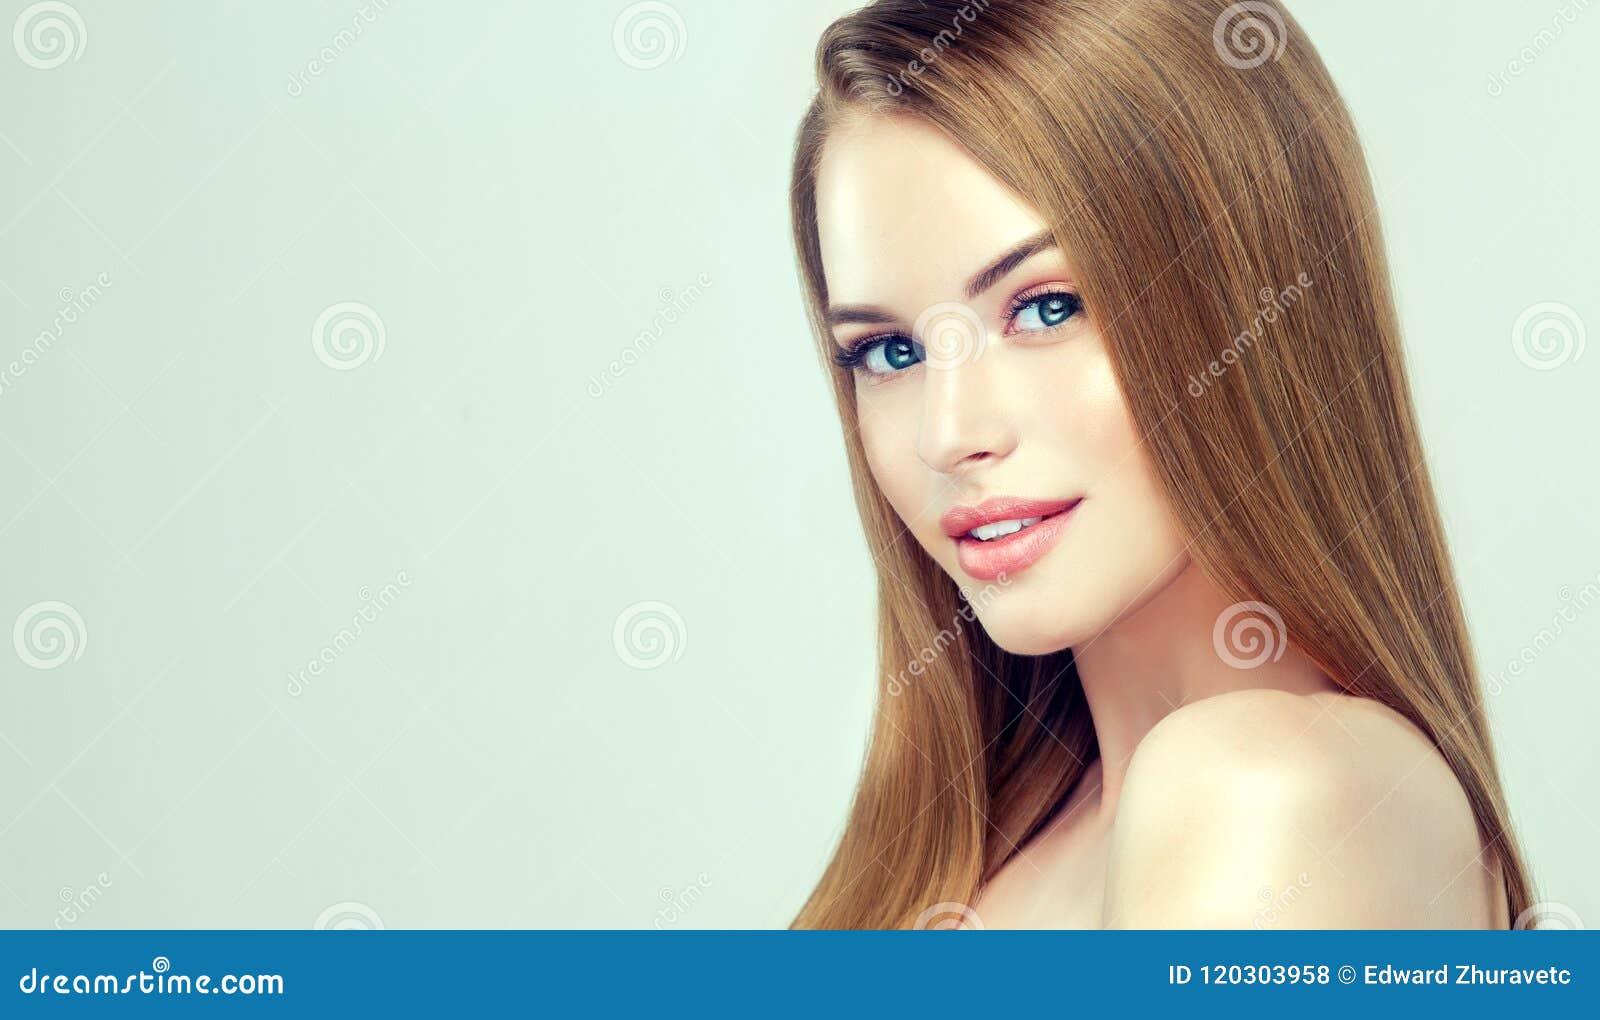 Młody ładny model z prostą, luźną fryzurą na głowie, Fryzjerstwo, kosmetologia i piękno technologie,